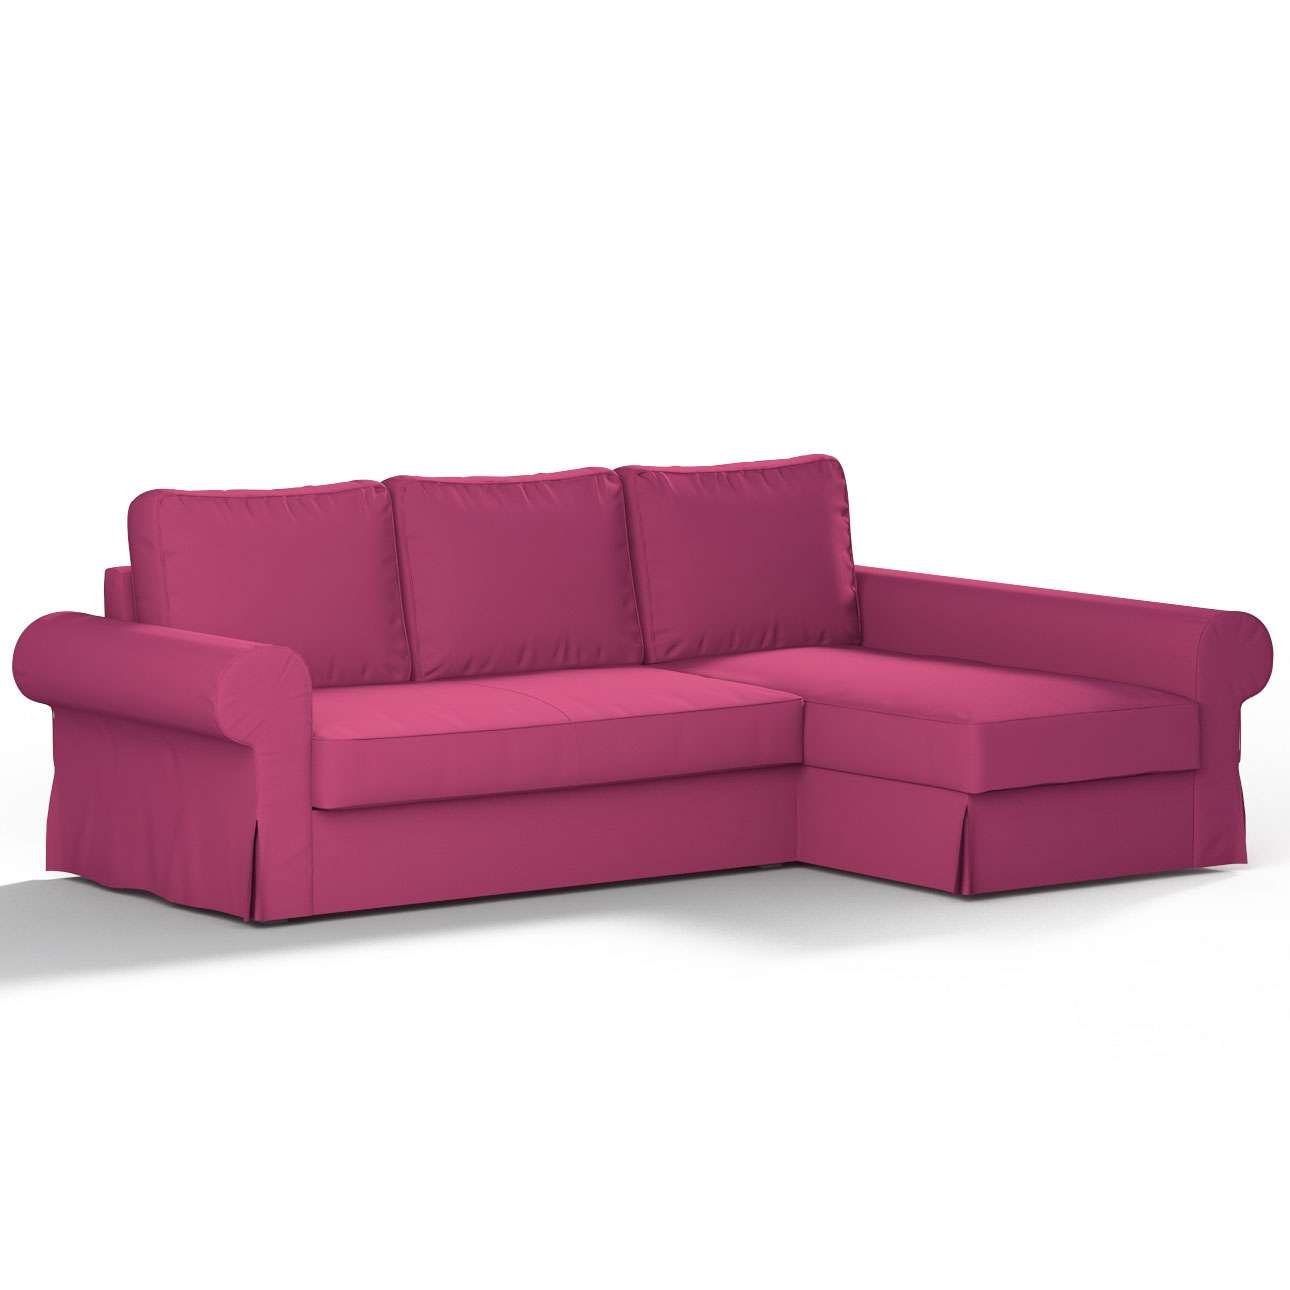 Pokrowiec na sofę Backabro rozkładaną z leżanką sofa Backabro rozkładana z leżanką w kolekcji Etna , tkanina: 705-23